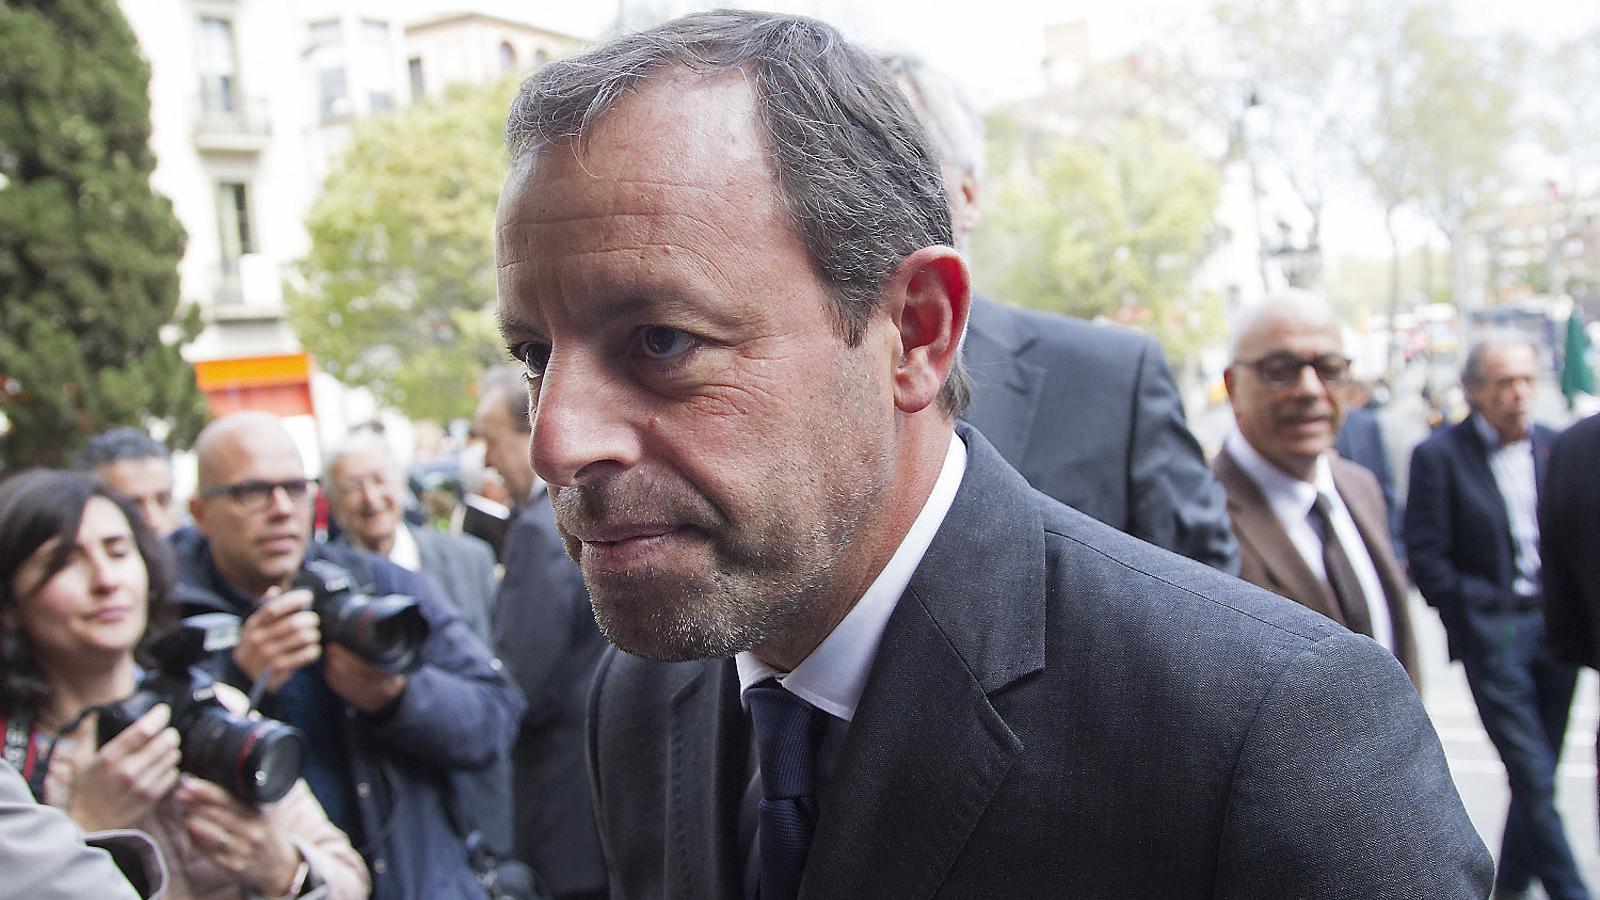 Sandro Rosell, en una imatge d'arxiu, va afirmar haver venut l'empresa BSM el 2011.